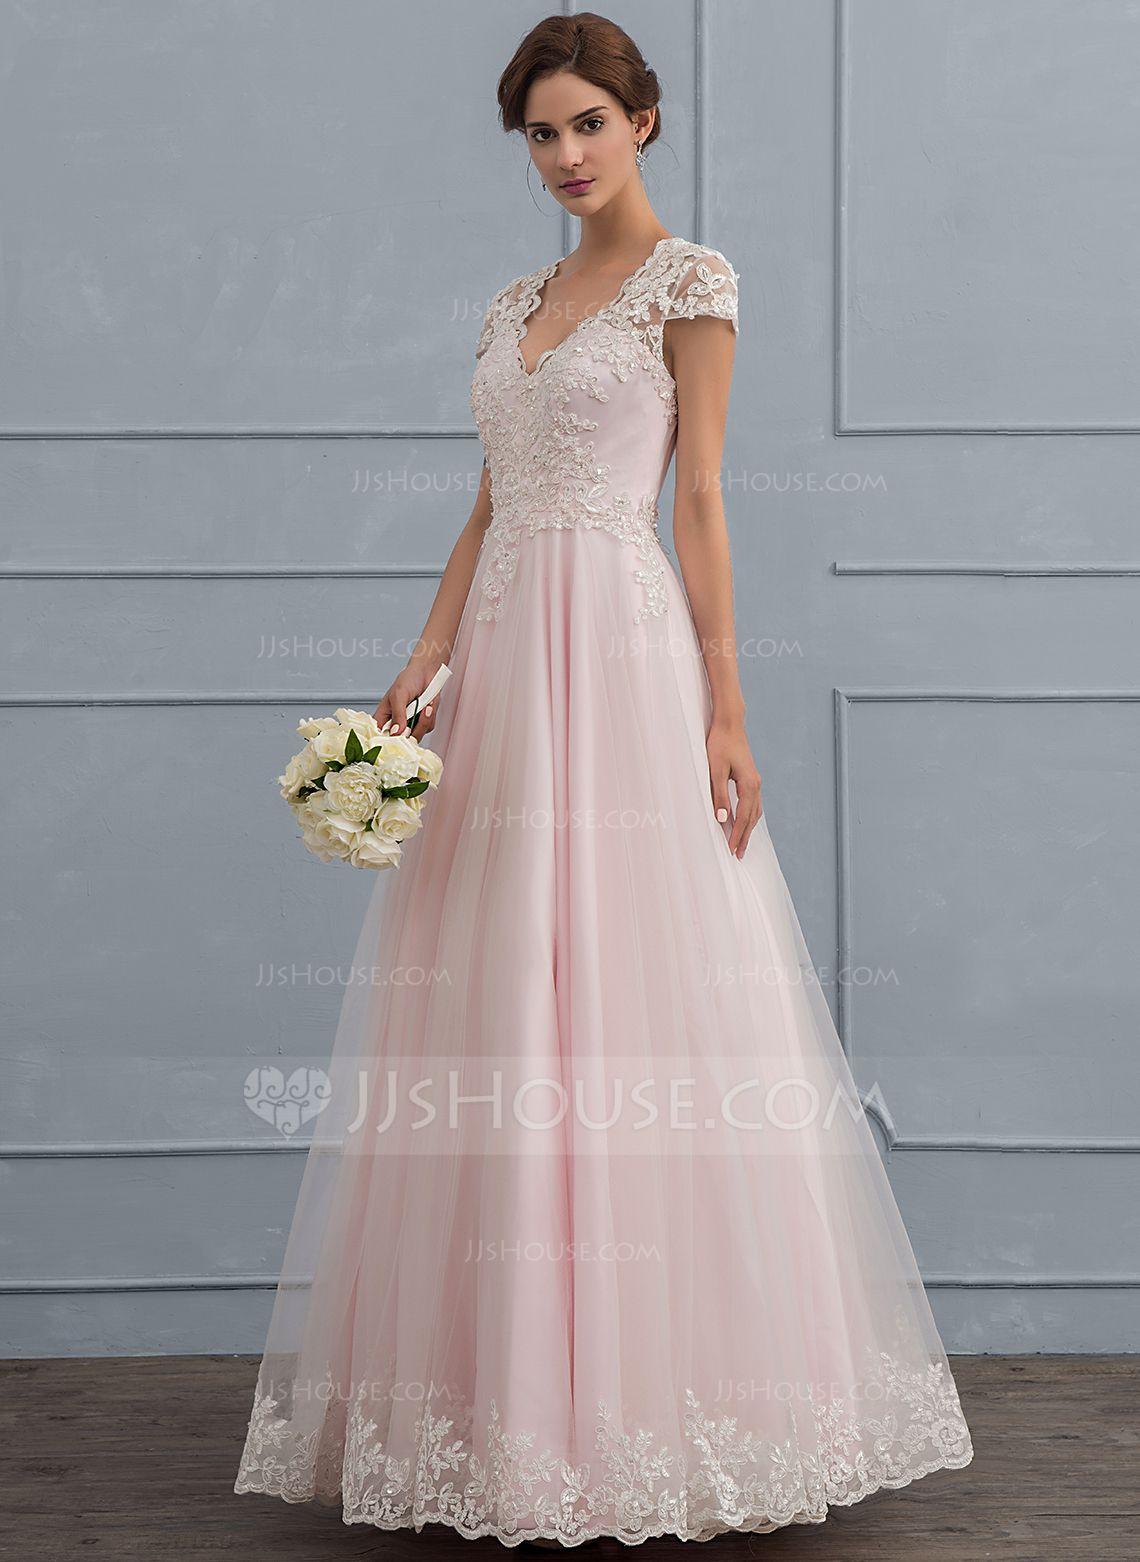 https://www.jjshouse.com/Ball-Gown-V-Neck-Floor-Length-Tulle-Wedding ...